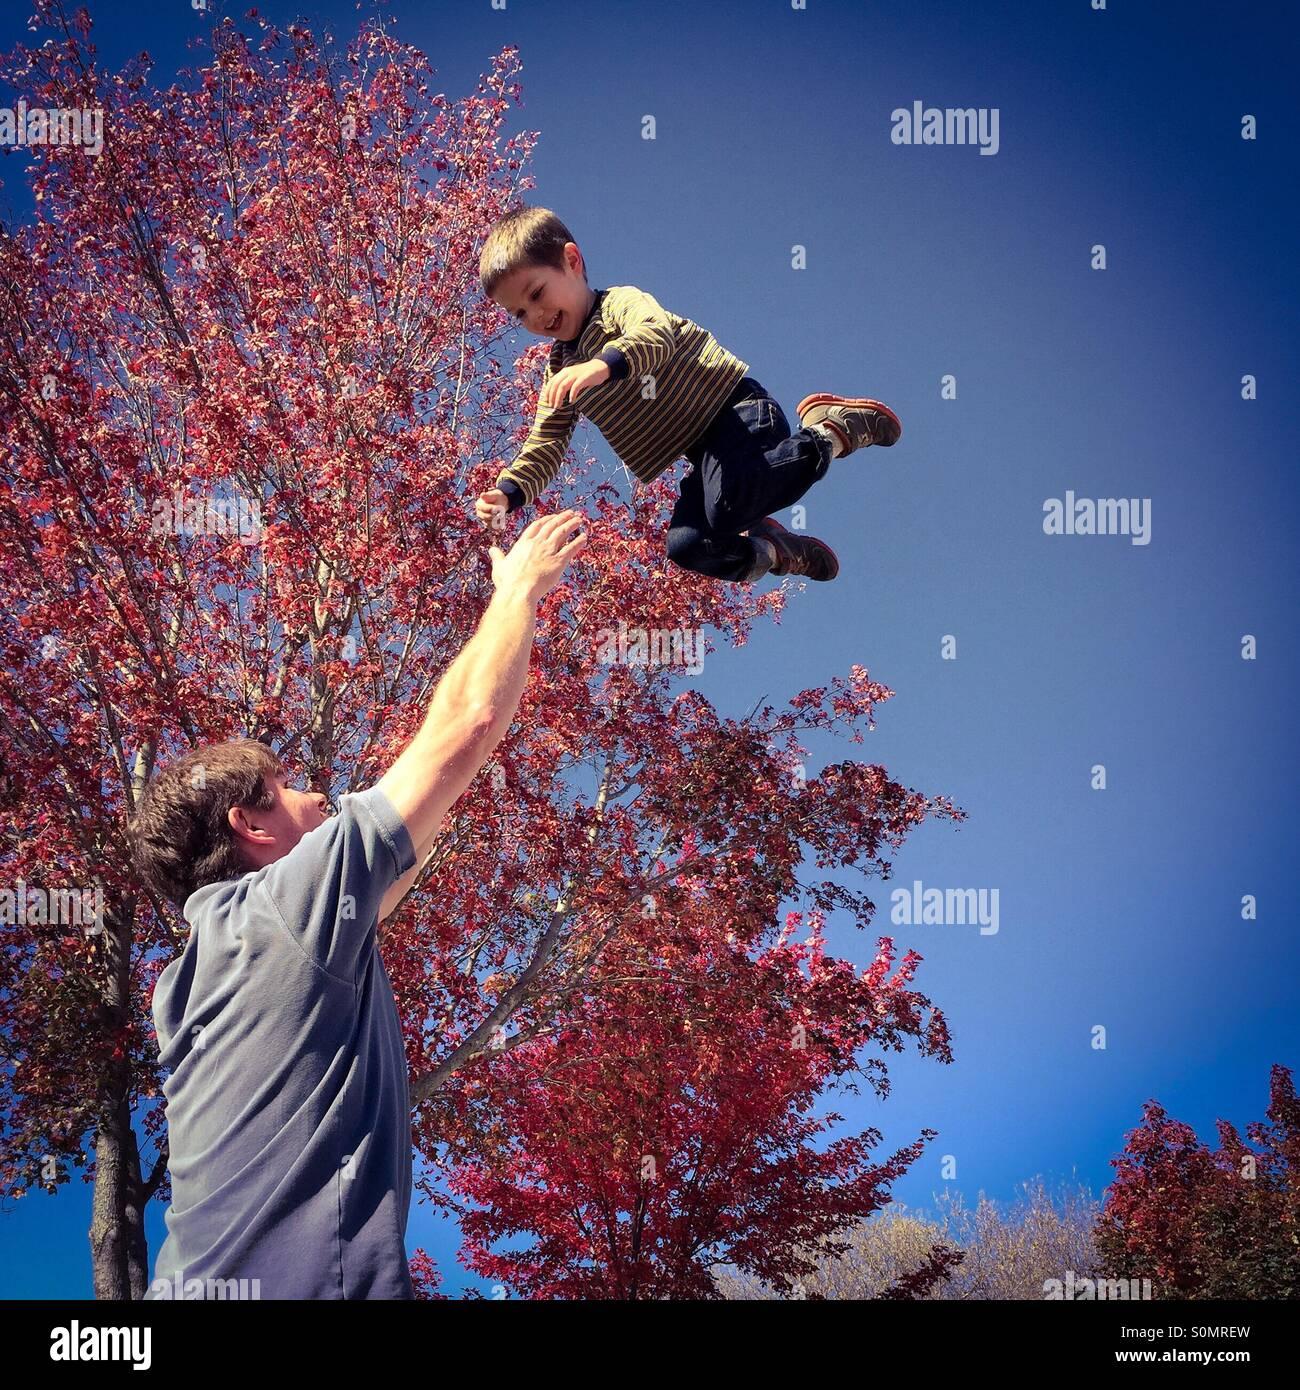 Immagine di un padre nel lanciare il suo figlio ridere in aria per cattura di lui, prese durante la stagione autunnale Immagini Stock